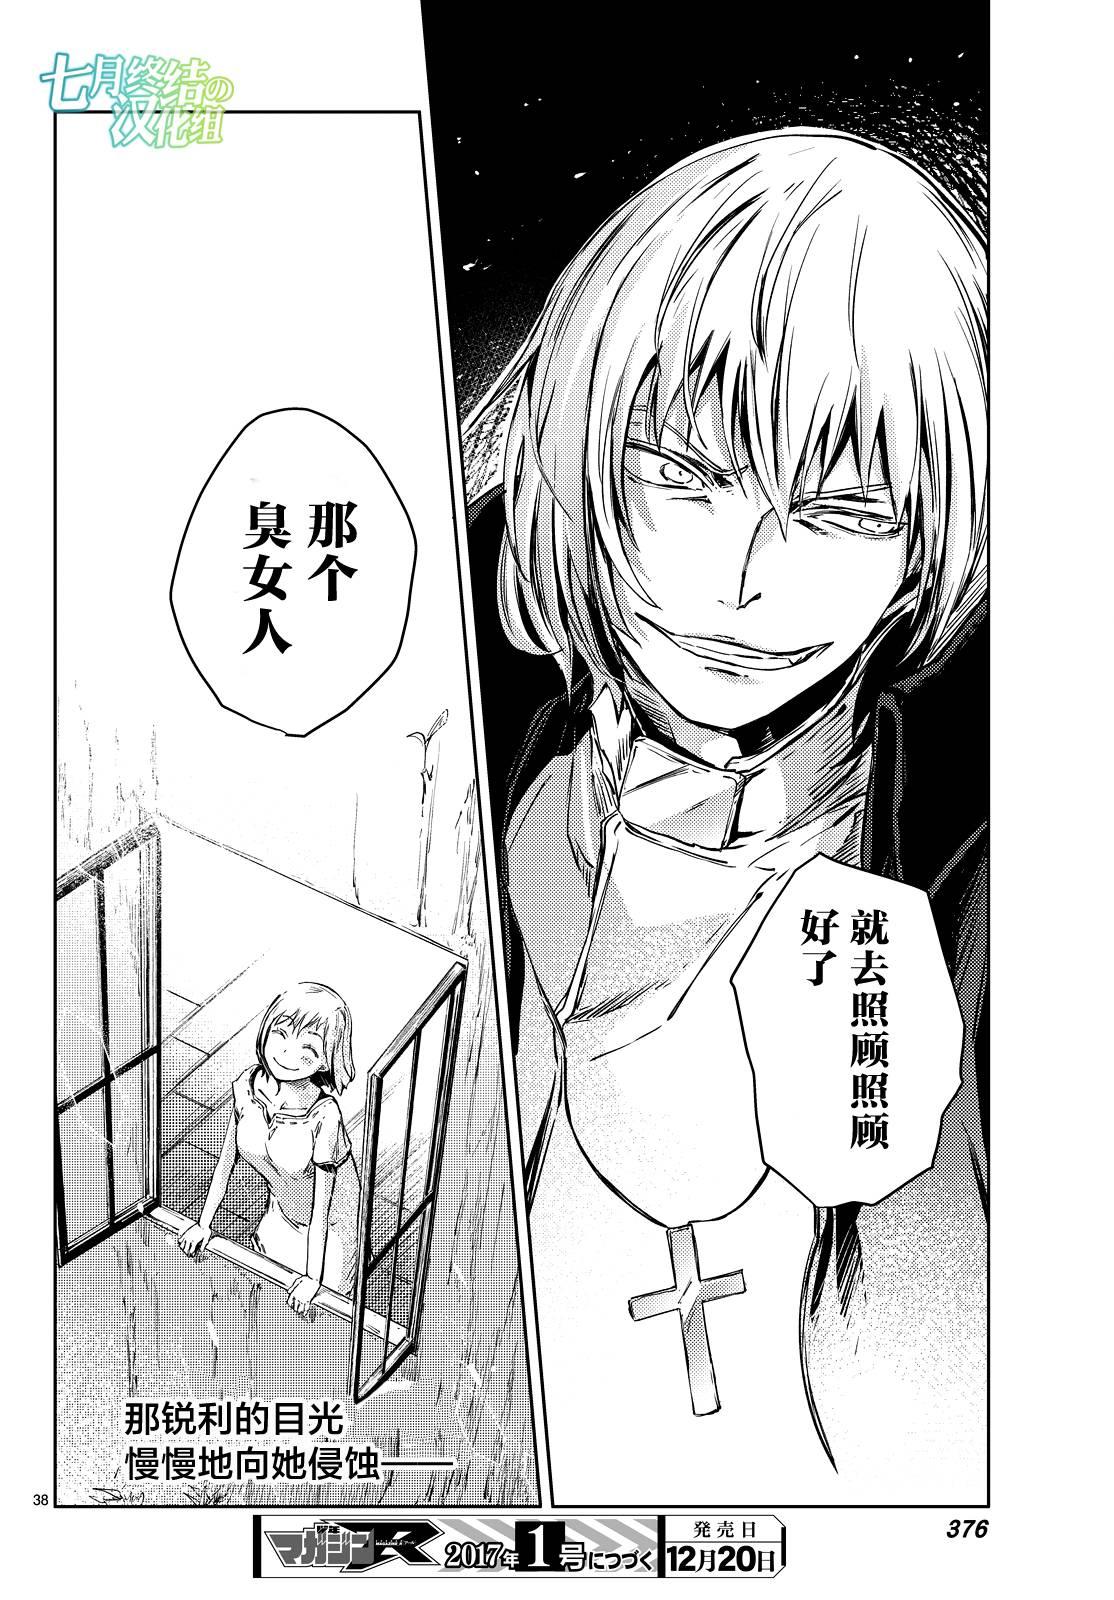 【漫画】桃子男孩渡海而来·第八话-看客路